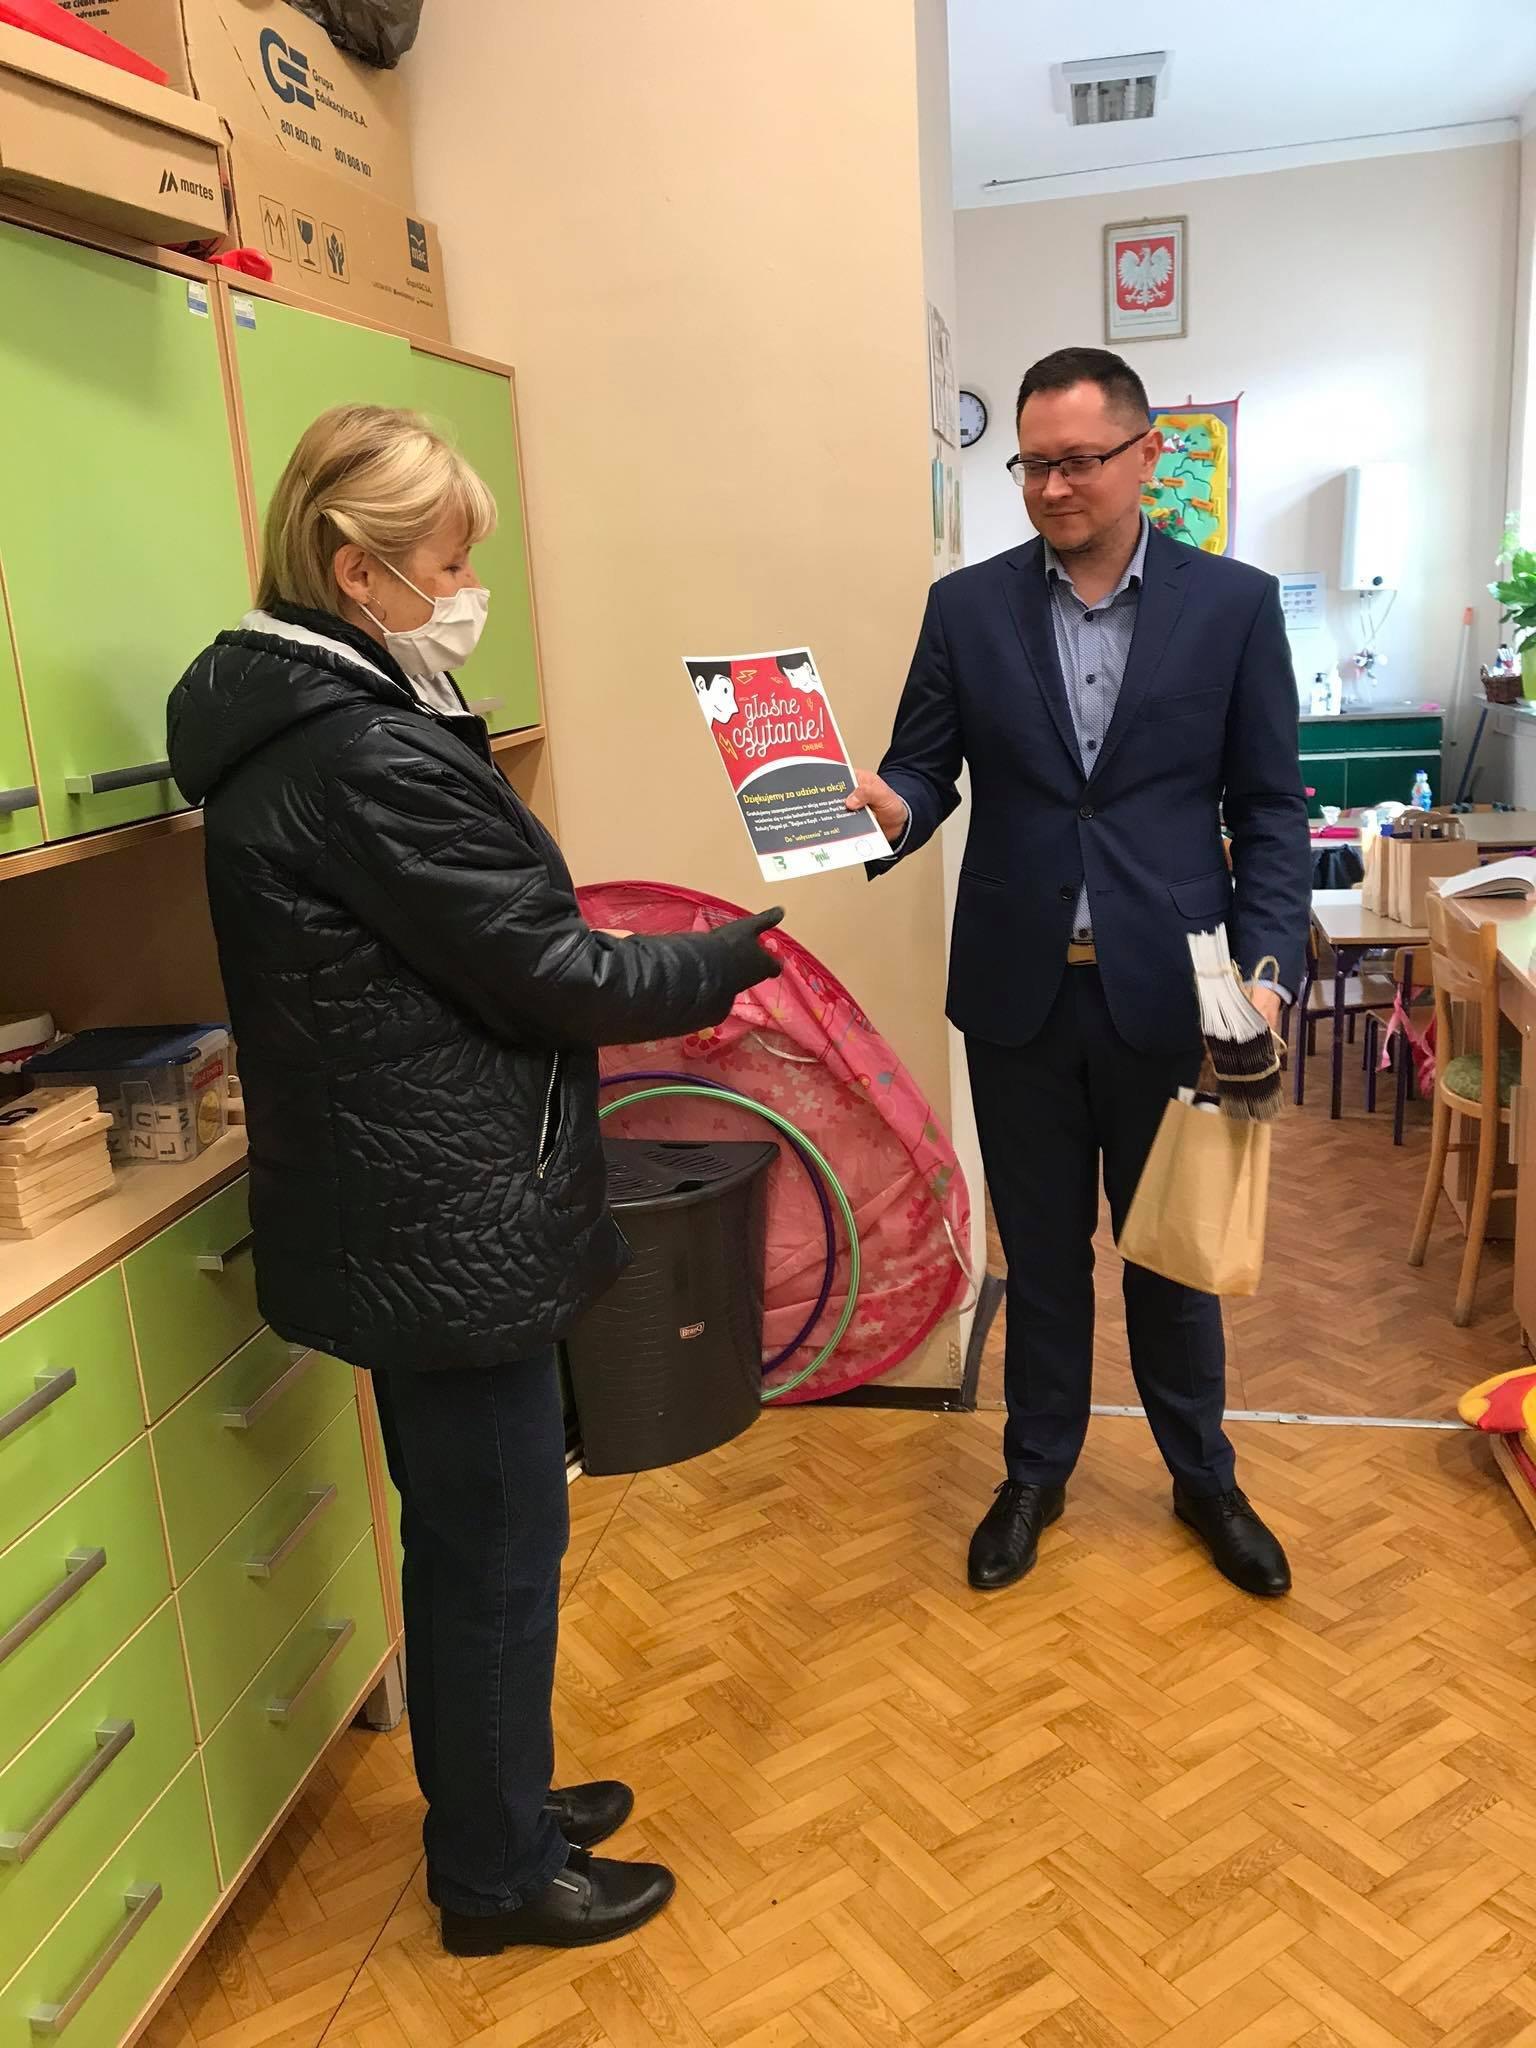 Pani Bożena Trubiłowicz wręcza dyplom, słodką paczkę i foldery Panu dyrektorowi szkoły w Słonem